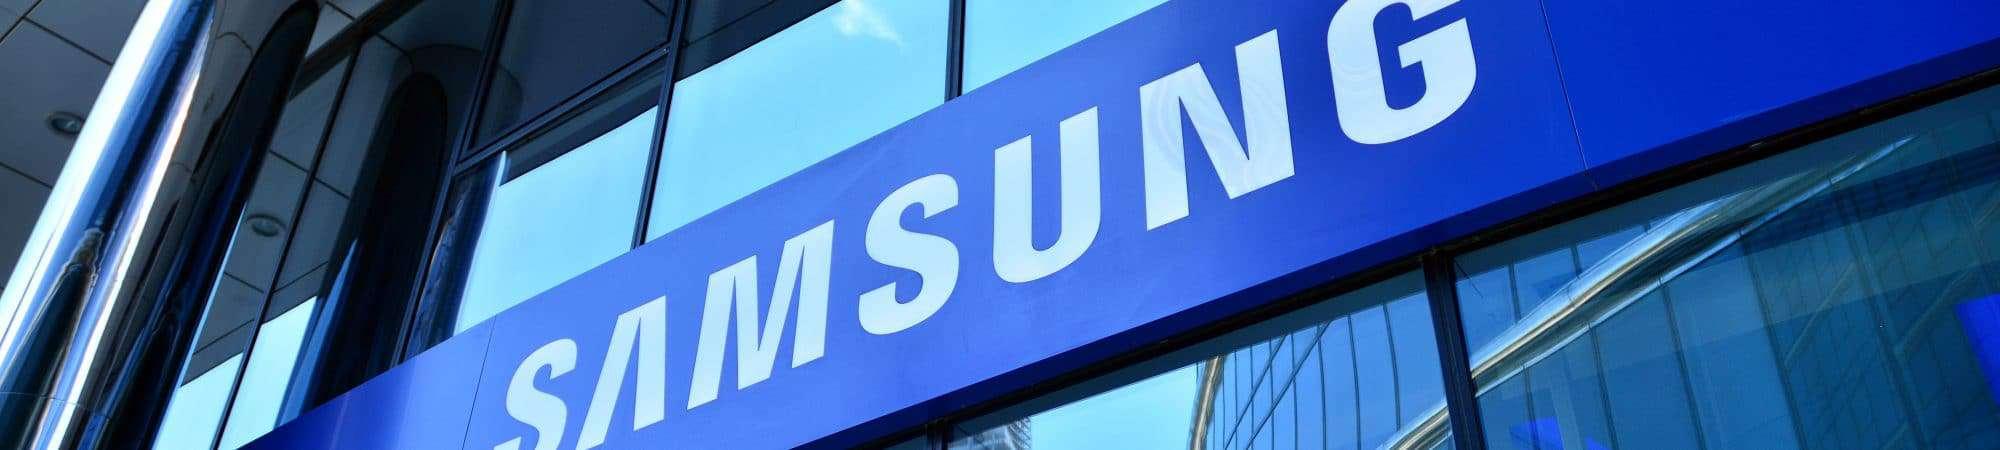 Vaza vídeo de unboxing de novo smartphone da Samsung